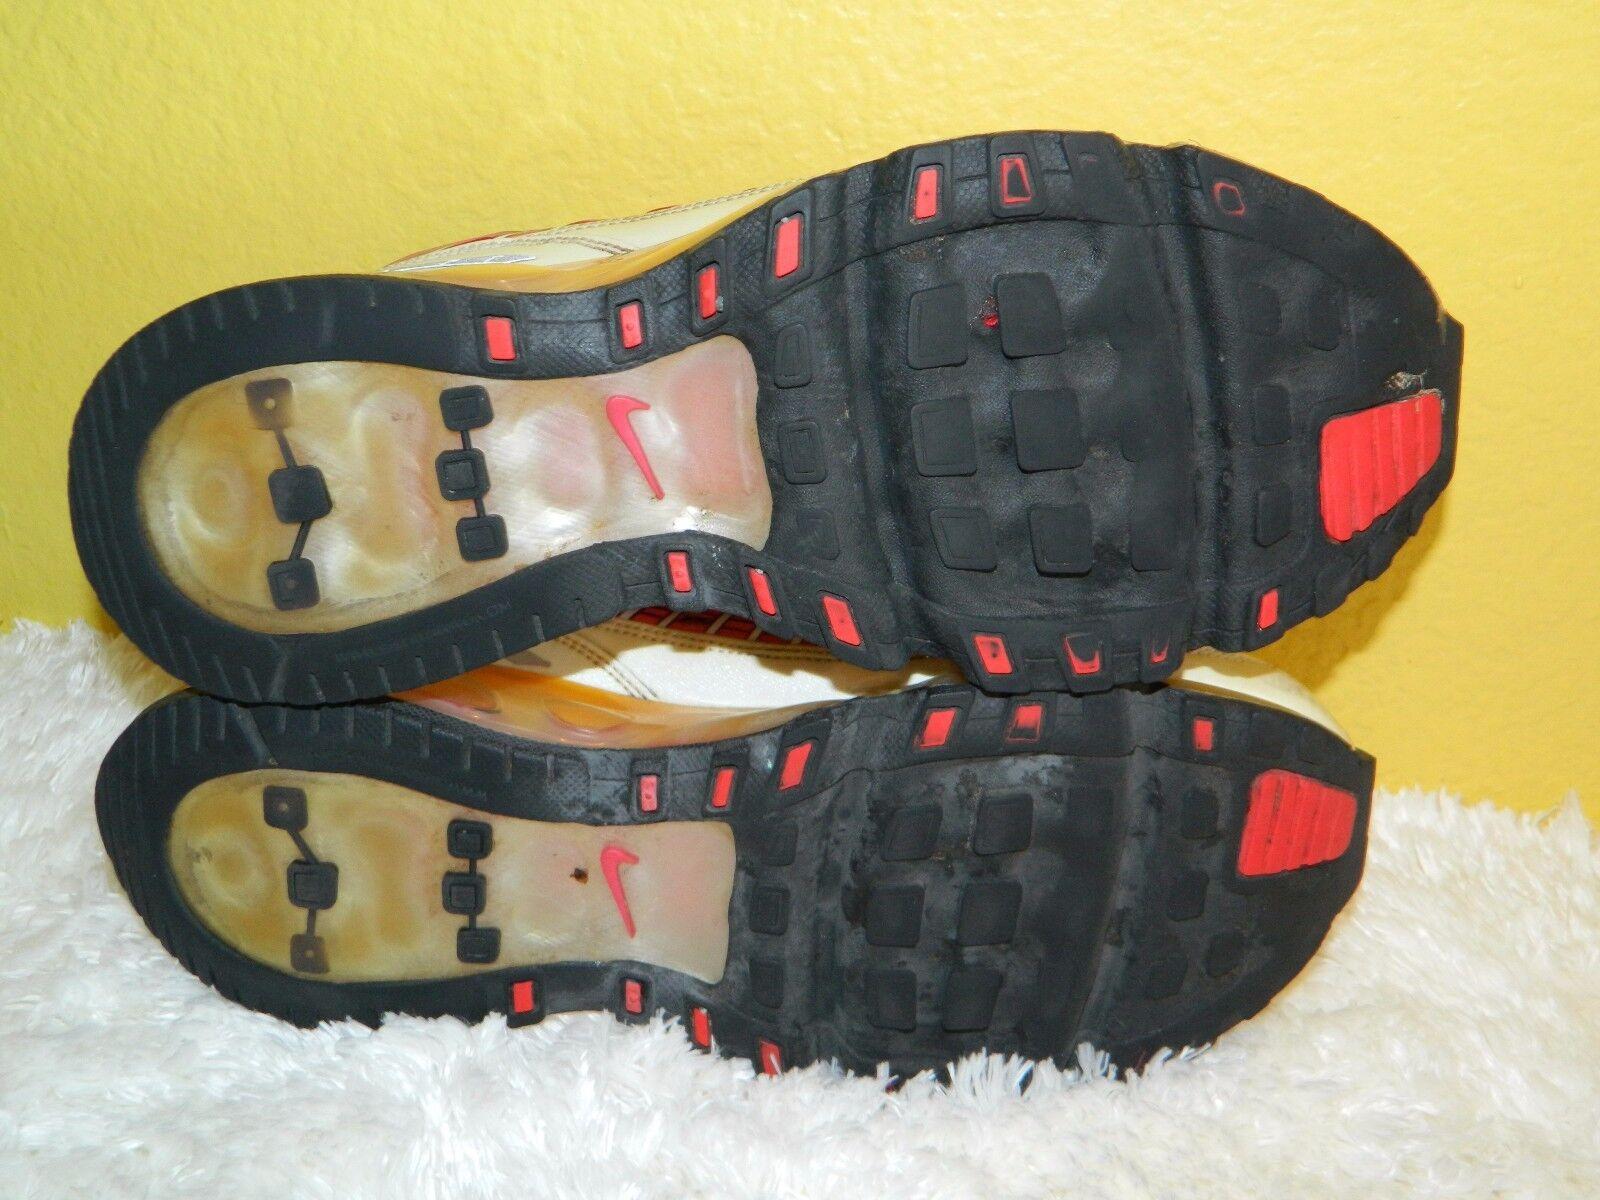 2006 le nike air max 360 scarpe da ginnastica ginnastica ginnastica 310909-611 8 motore   bianco | La Qualità Del Prodotto  | Uomo/Donne Scarpa  de41ad